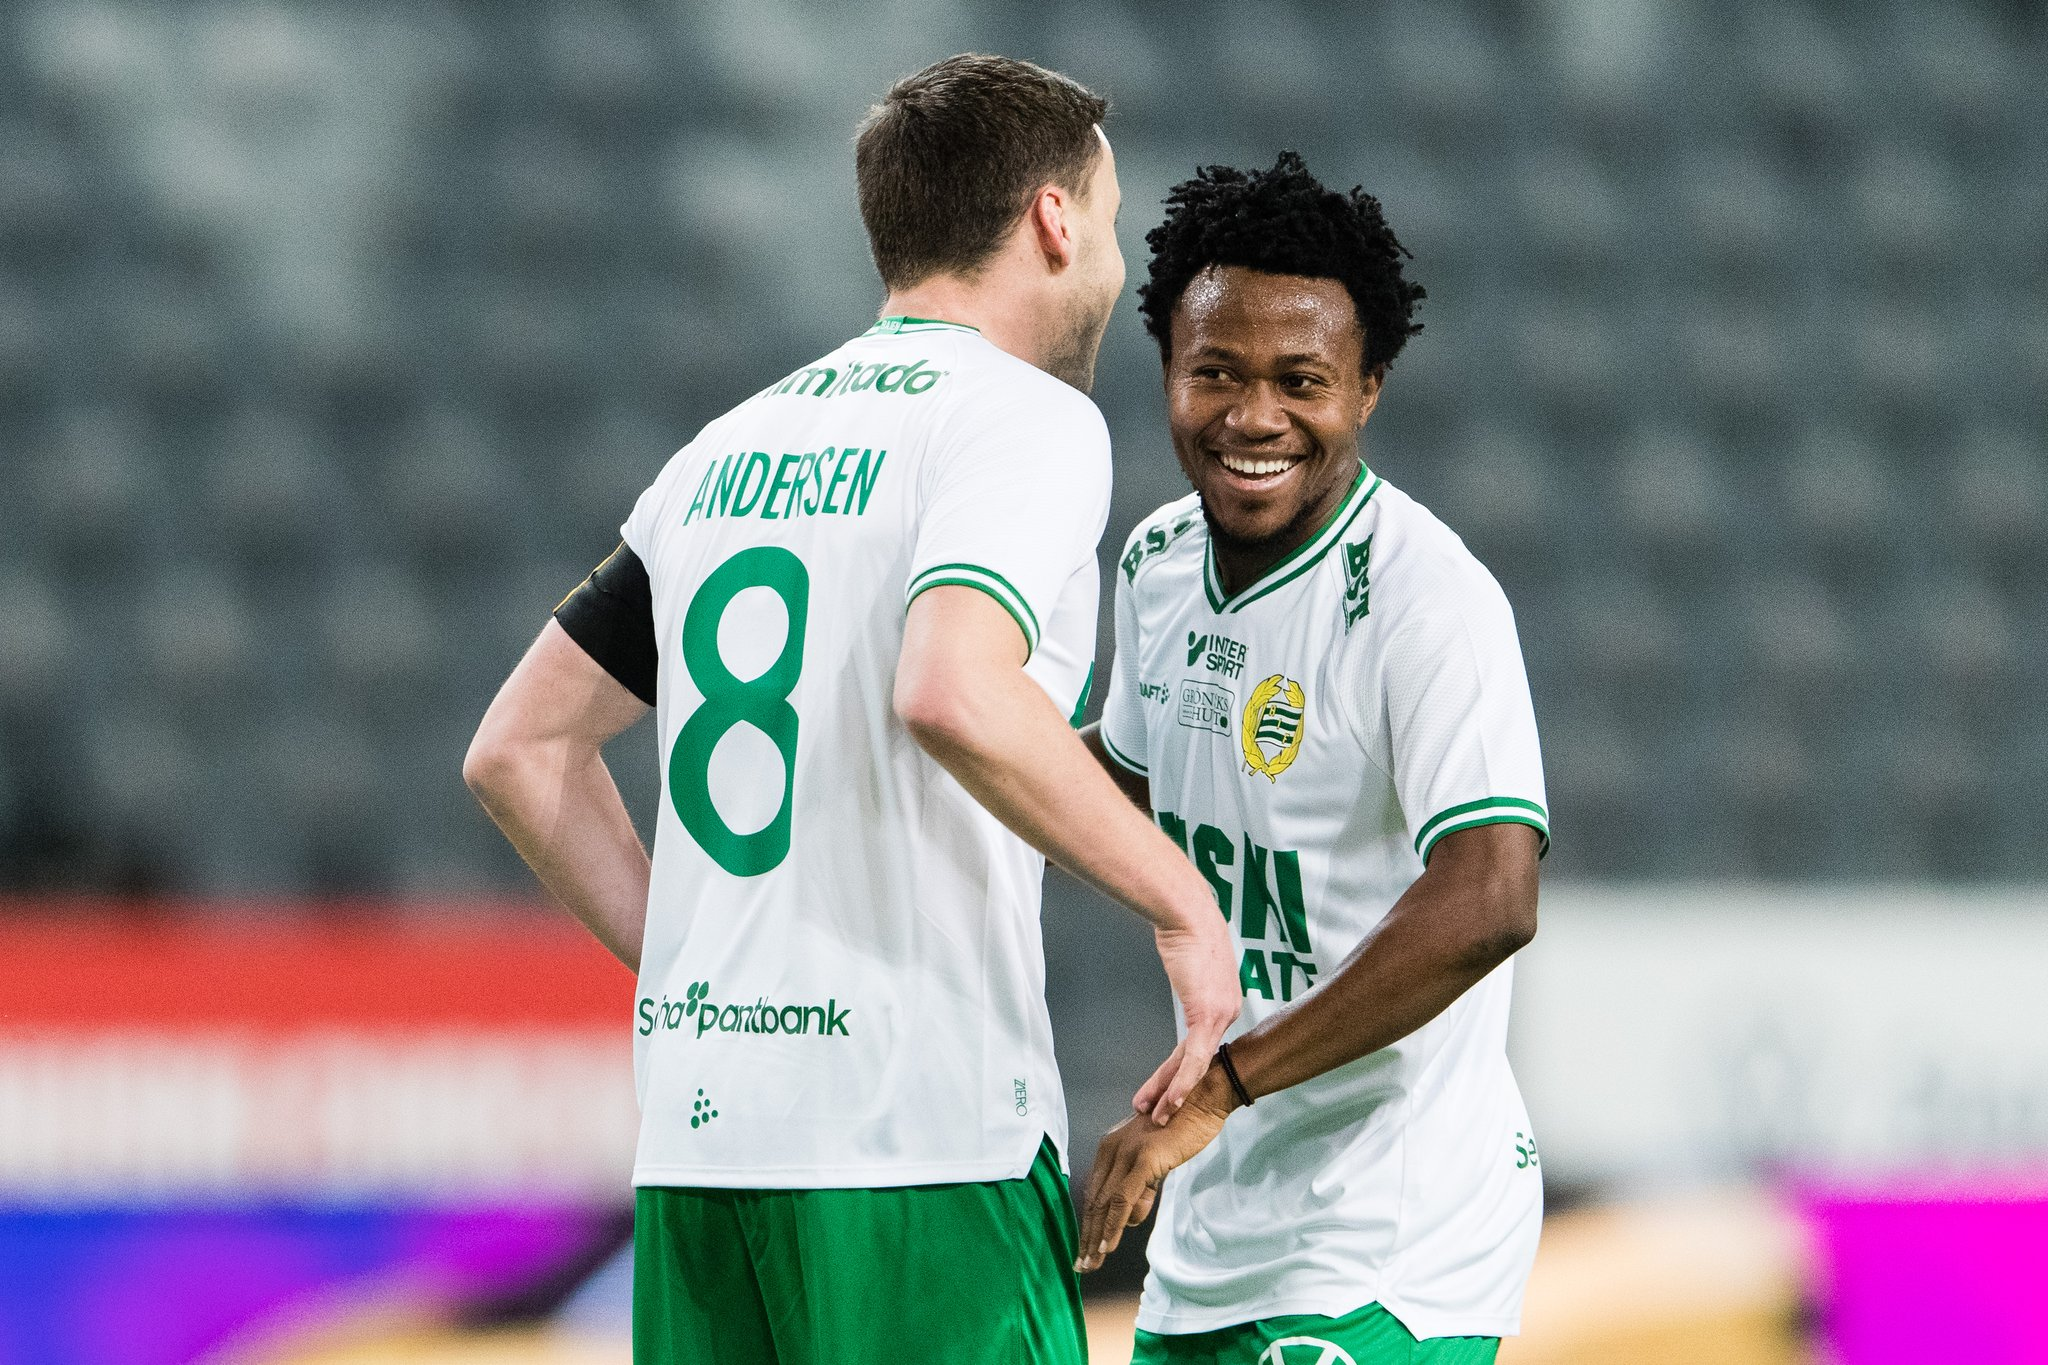 Abdul Halik Hudu shines in Hammarby cup win